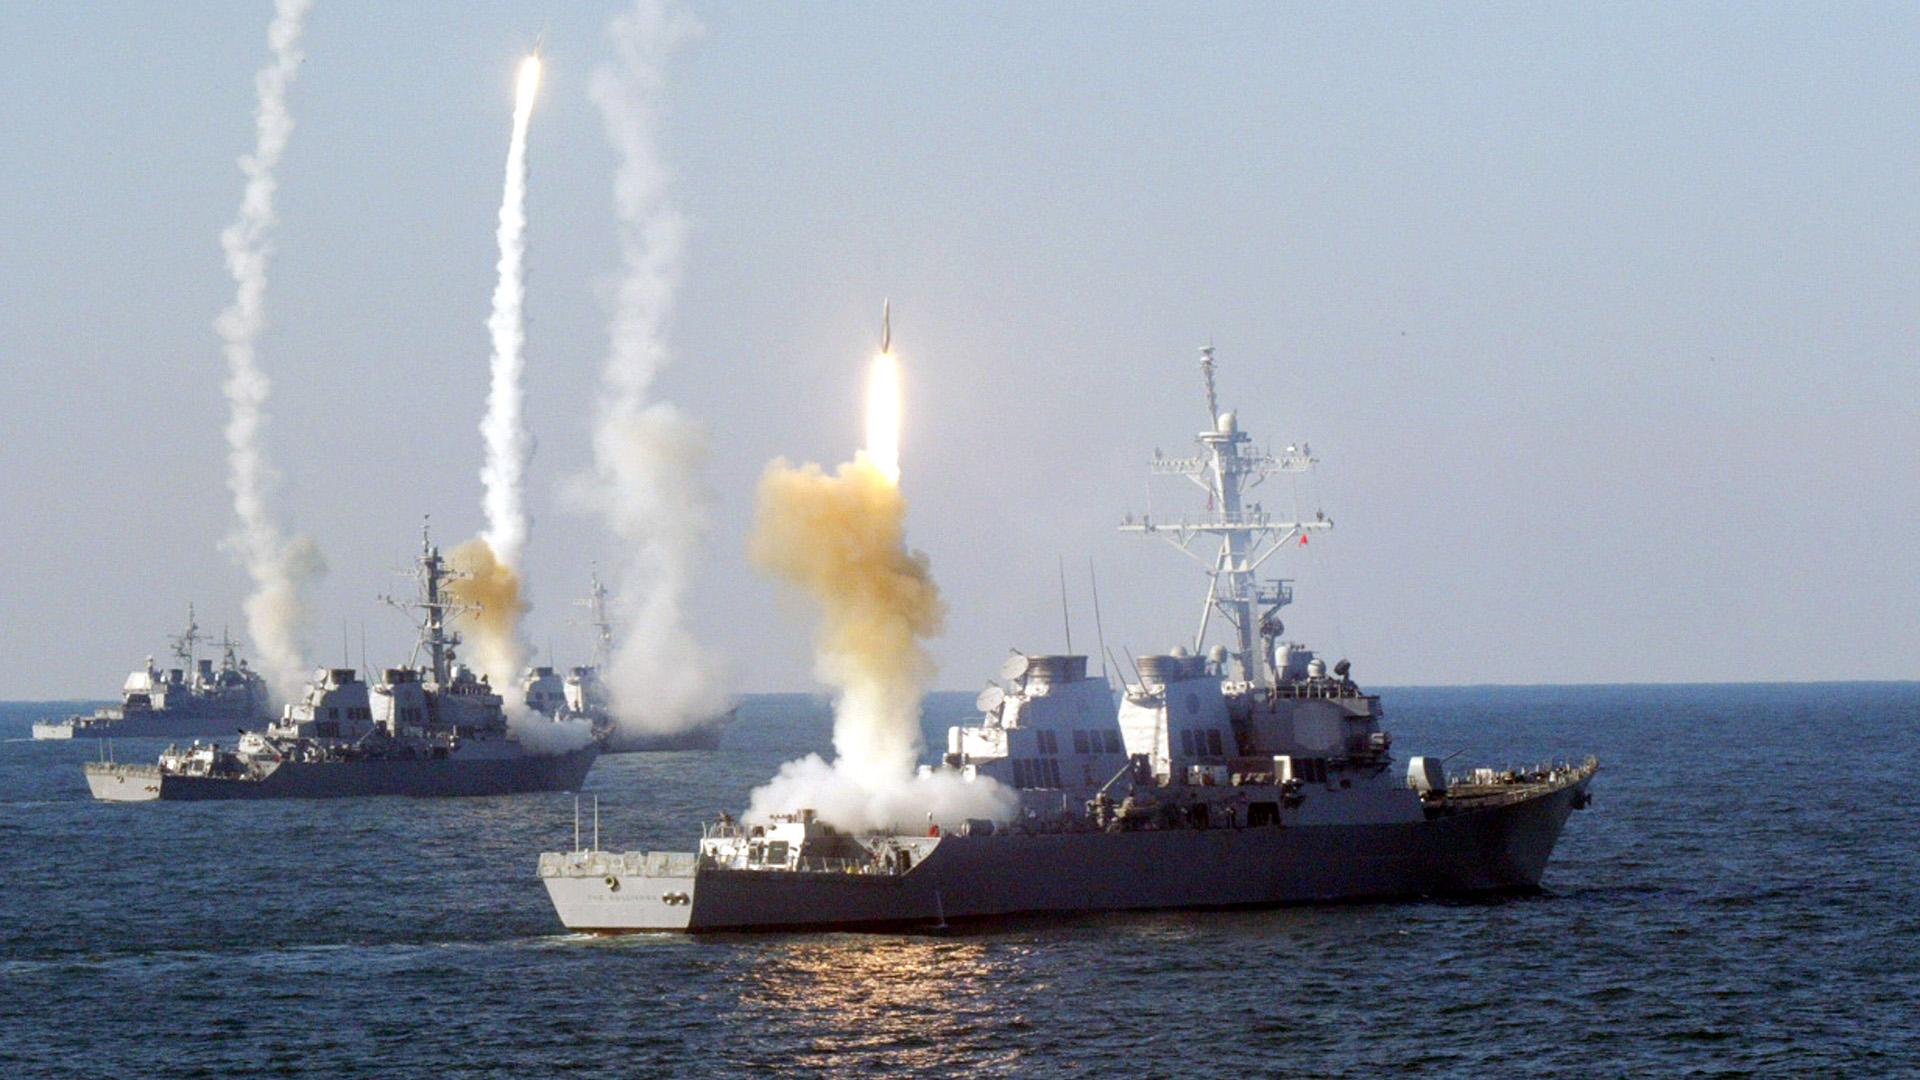 Иран проводит учения в опасной близости от американского авианосца